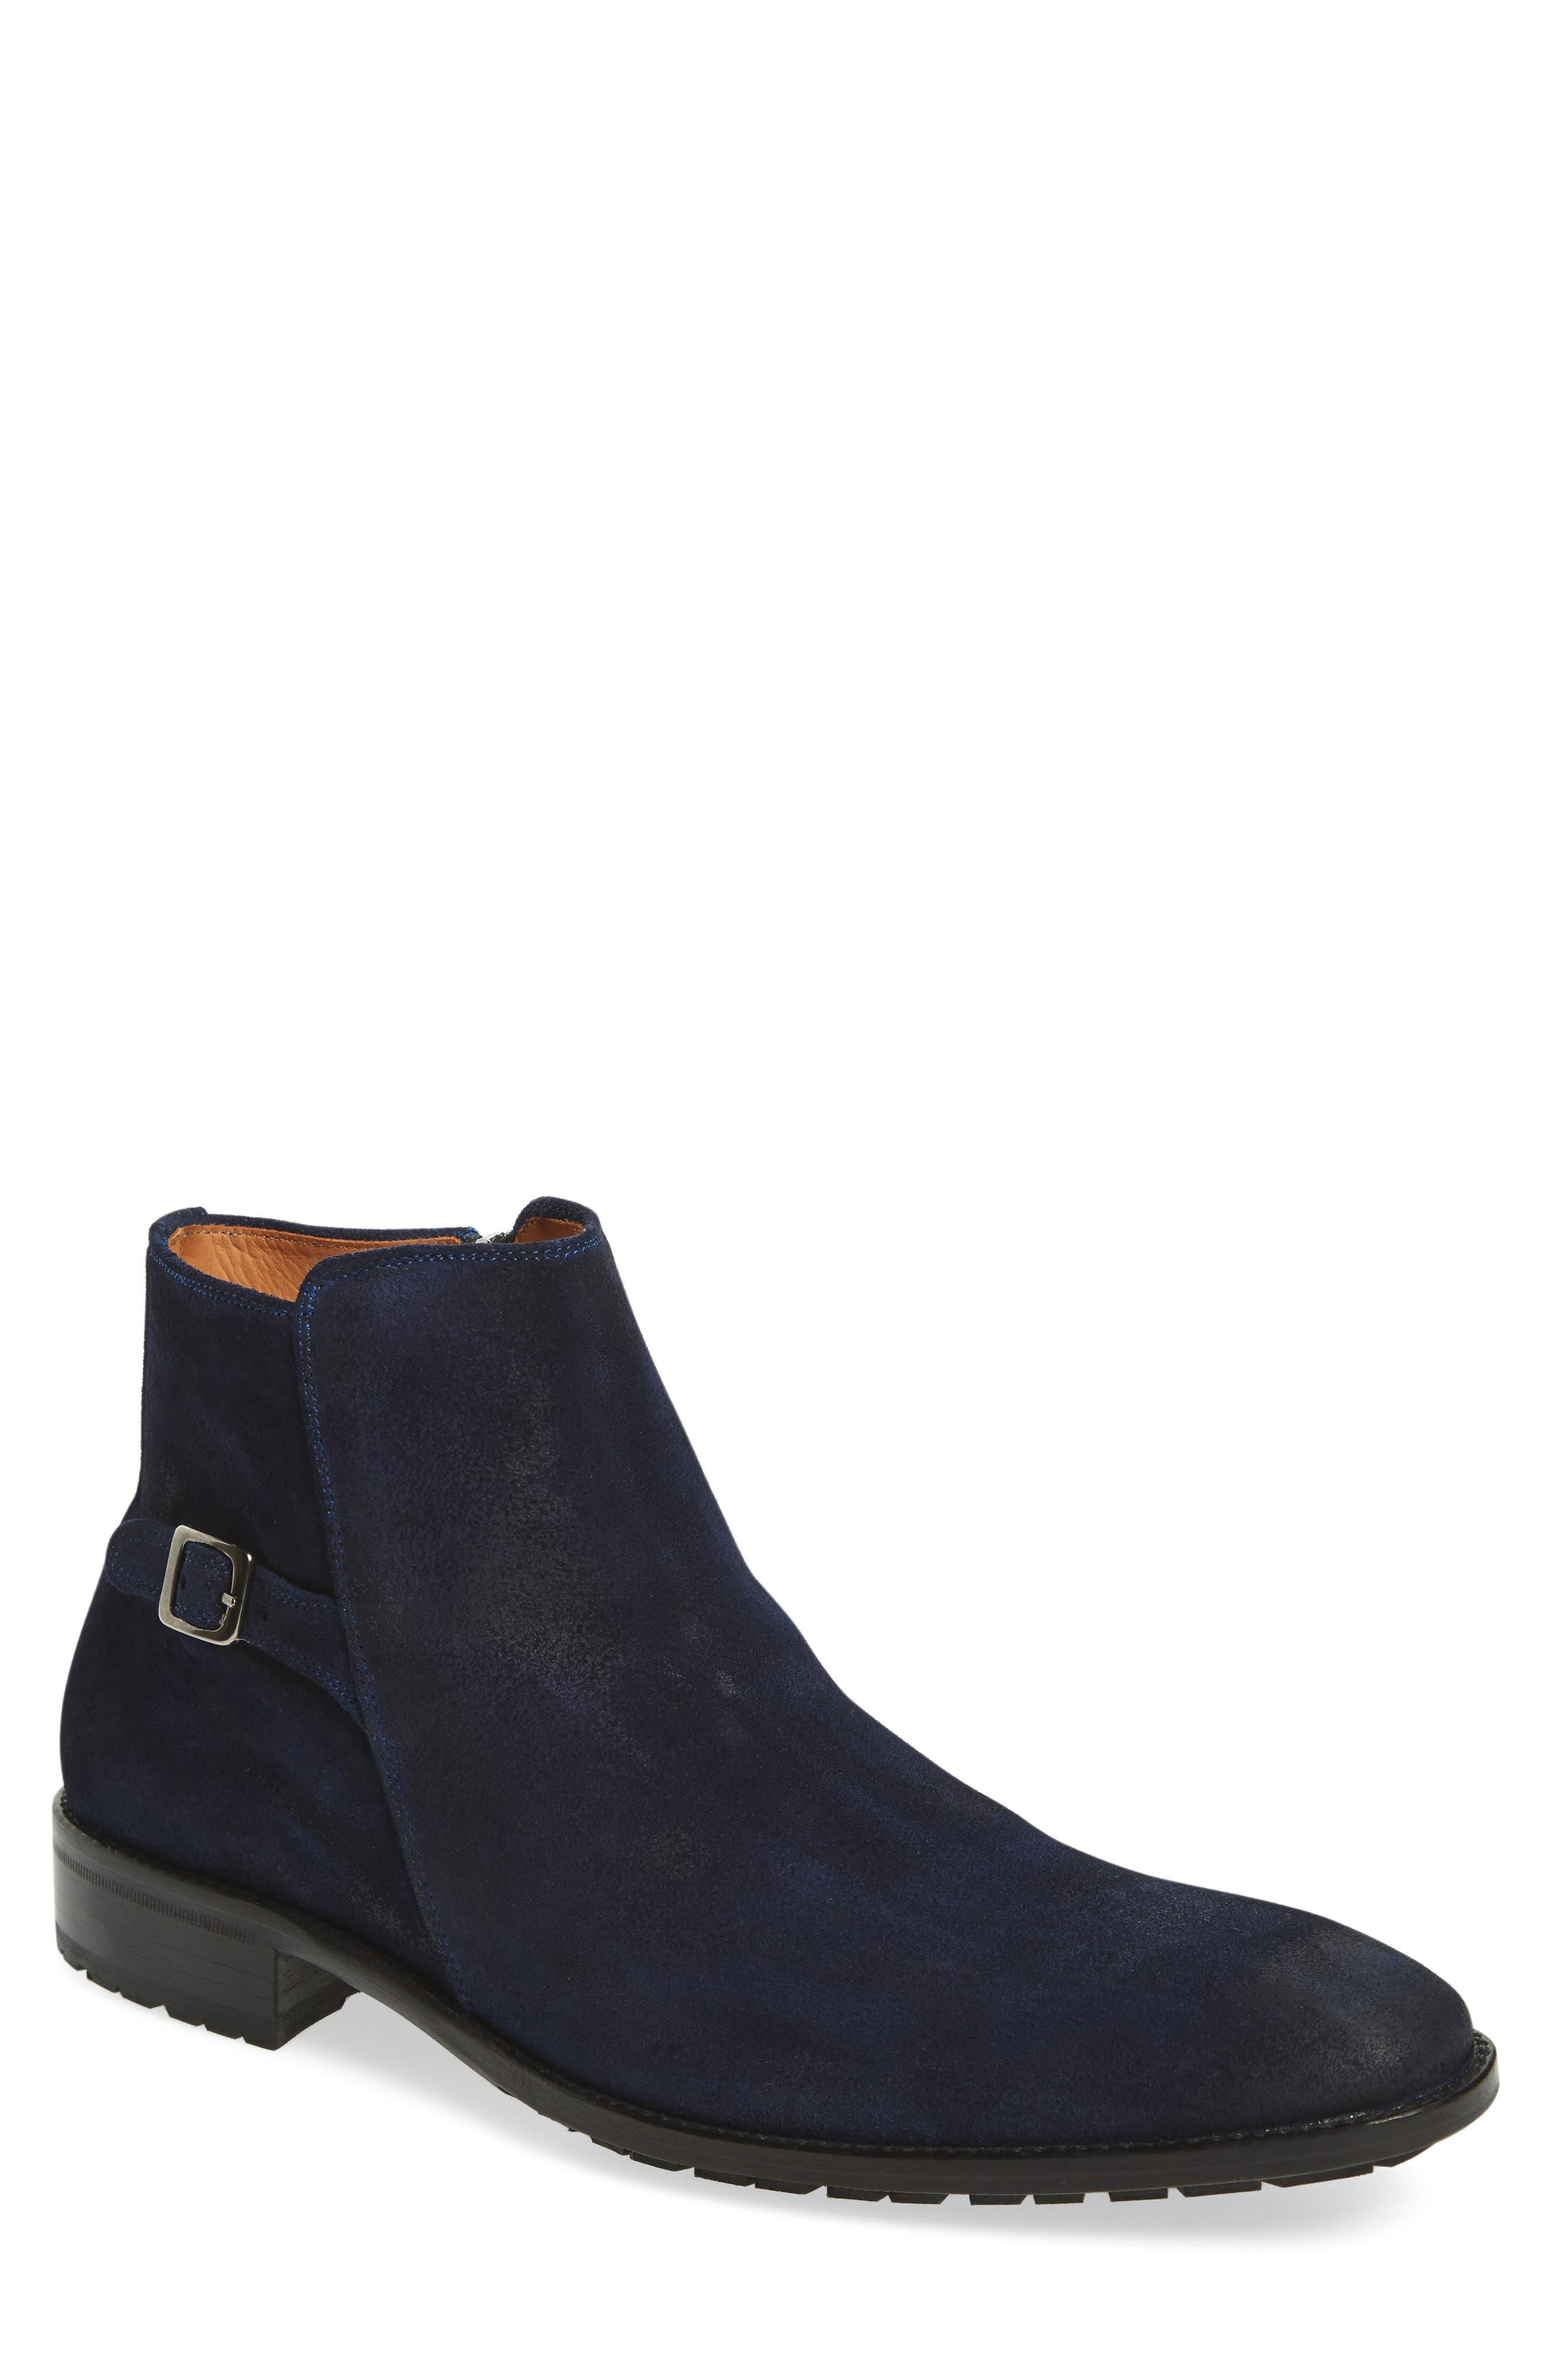 Main Image - Mezlan 'Elva' Zip Boot (Men)